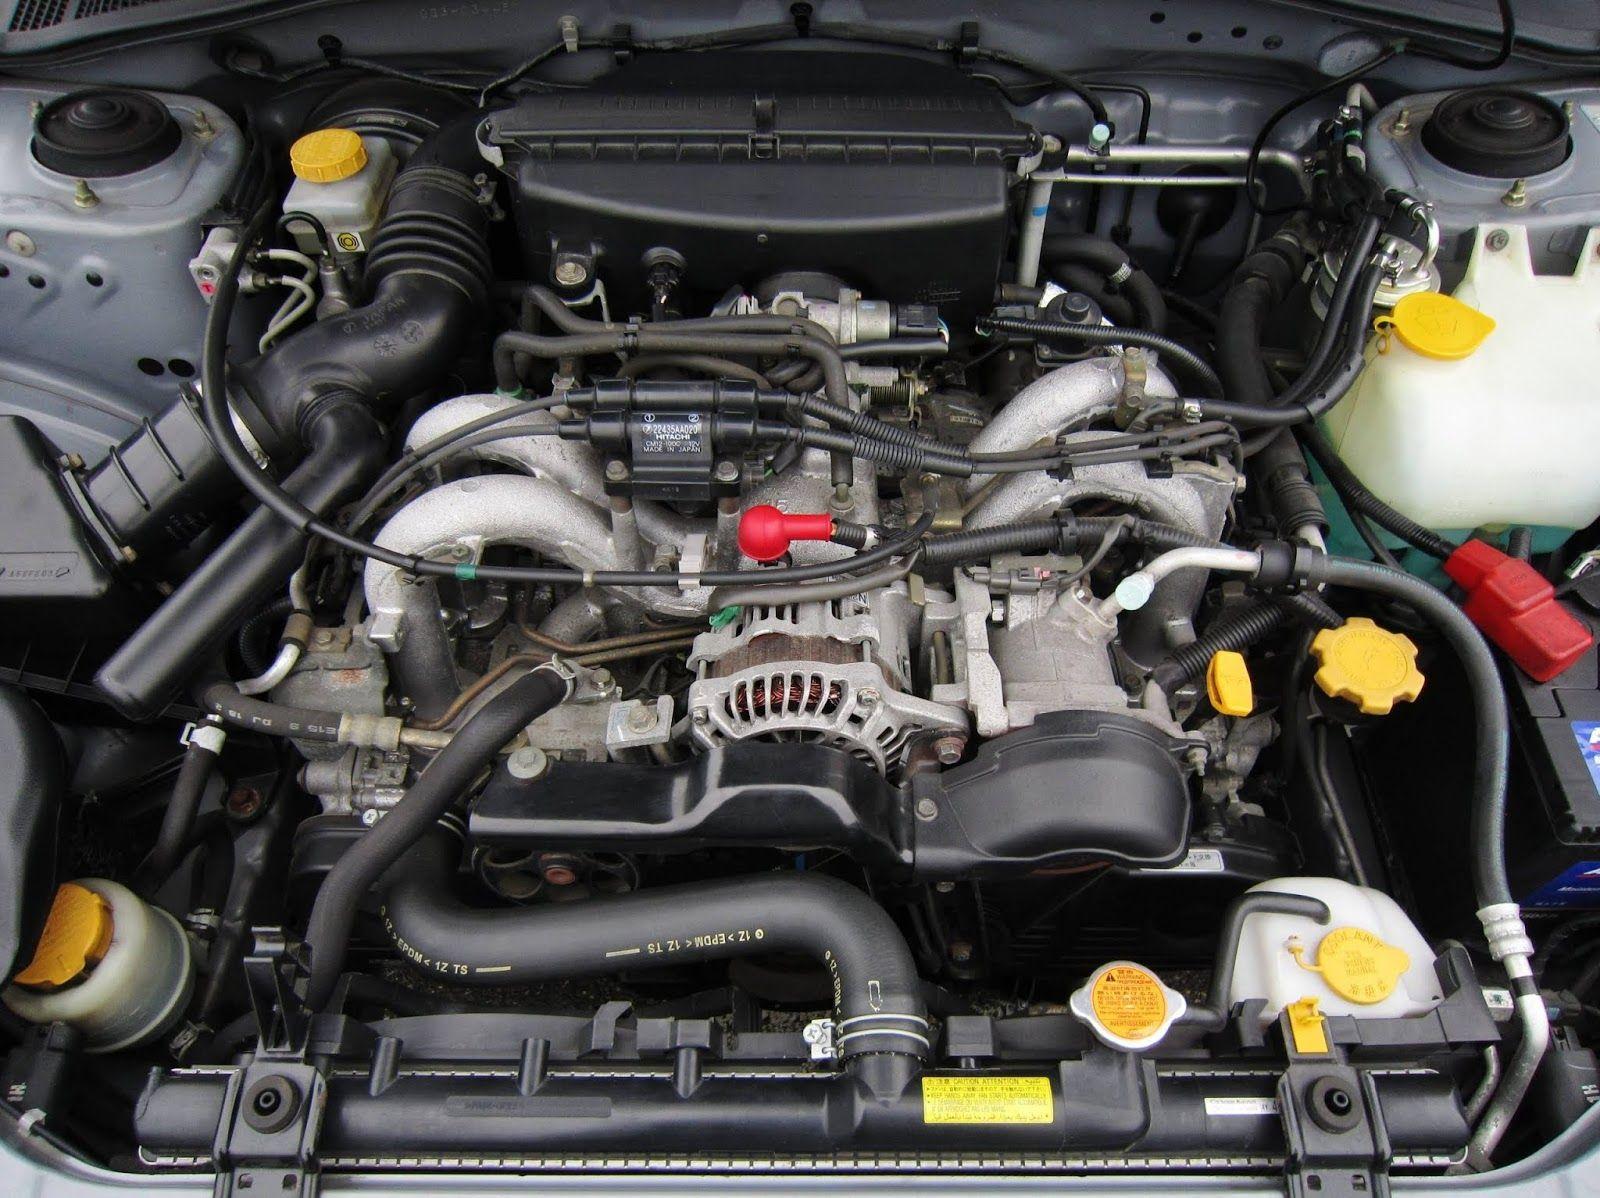 Subaru Impreza Boxer Engine Diagram | Subaru impreza, Subaru outback,  ImprezaPinterest